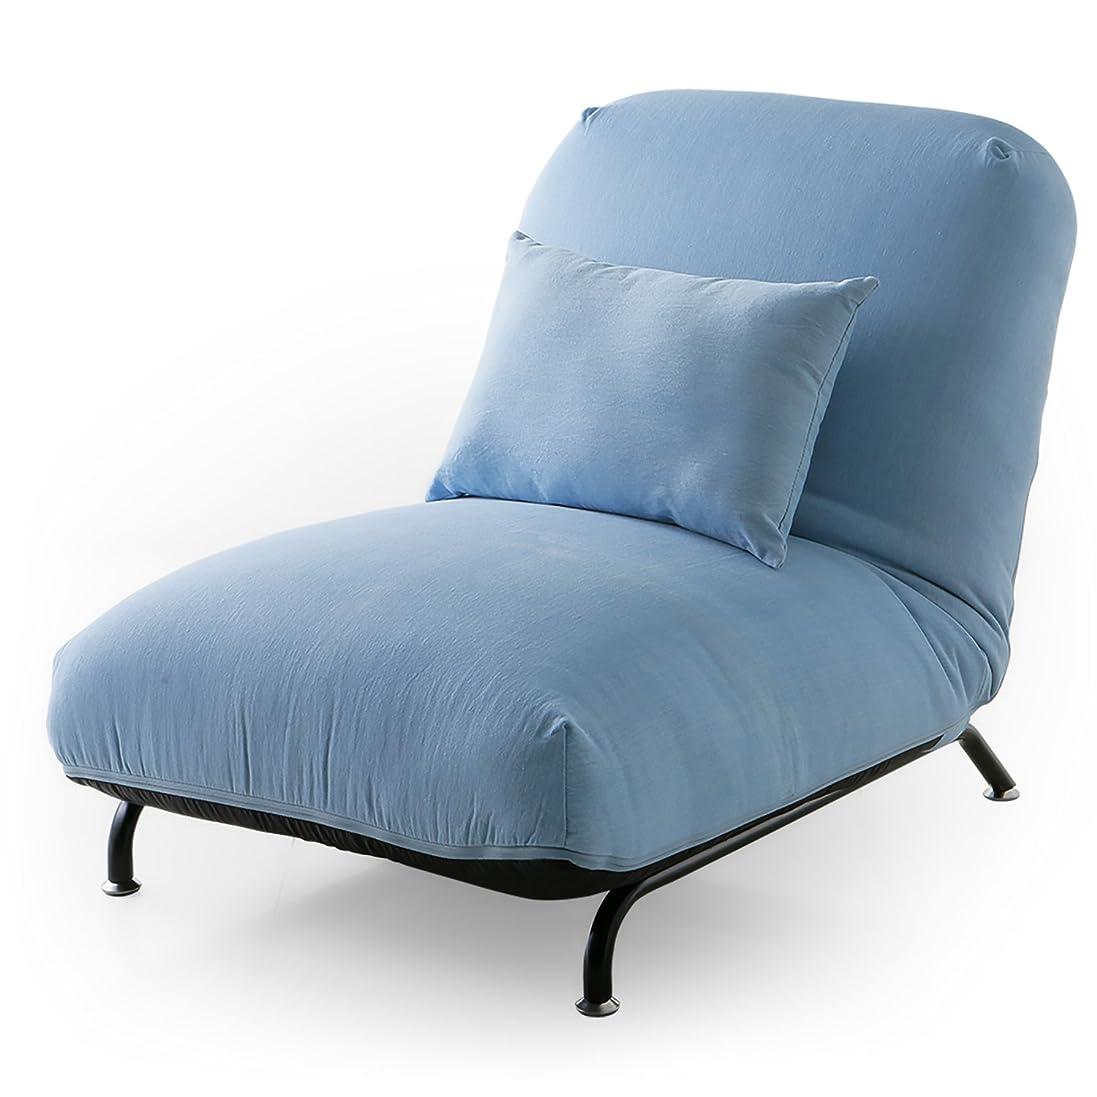 高さ著作権将来のLOWYA (ロウヤ) 座椅子 一人掛け ソファ リクライニング 42段ギア 脚付き ワイド クッション付 デニム生地 ライトブルー おしゃれ 新生活